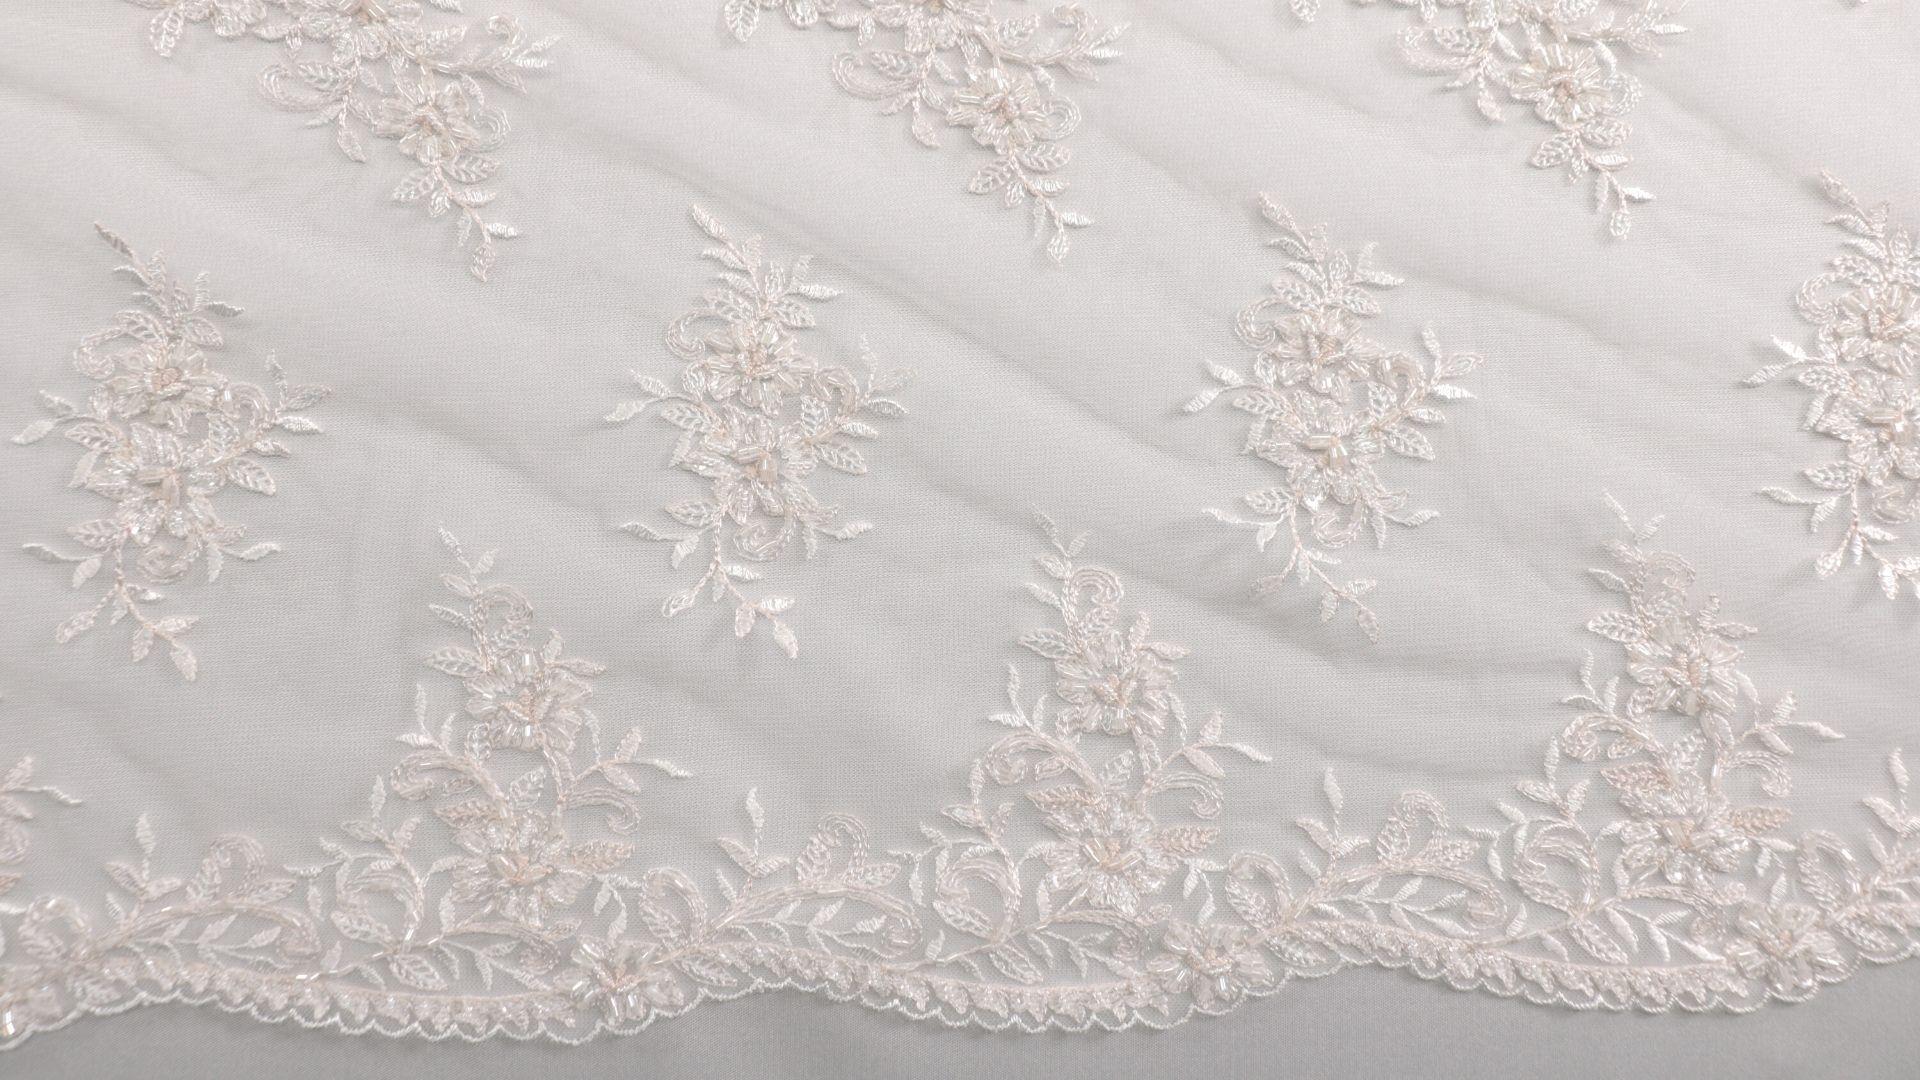 il particolare del tessuto lv7077, appartenente alla categoria ricami da sposa, di Leadford & Logan